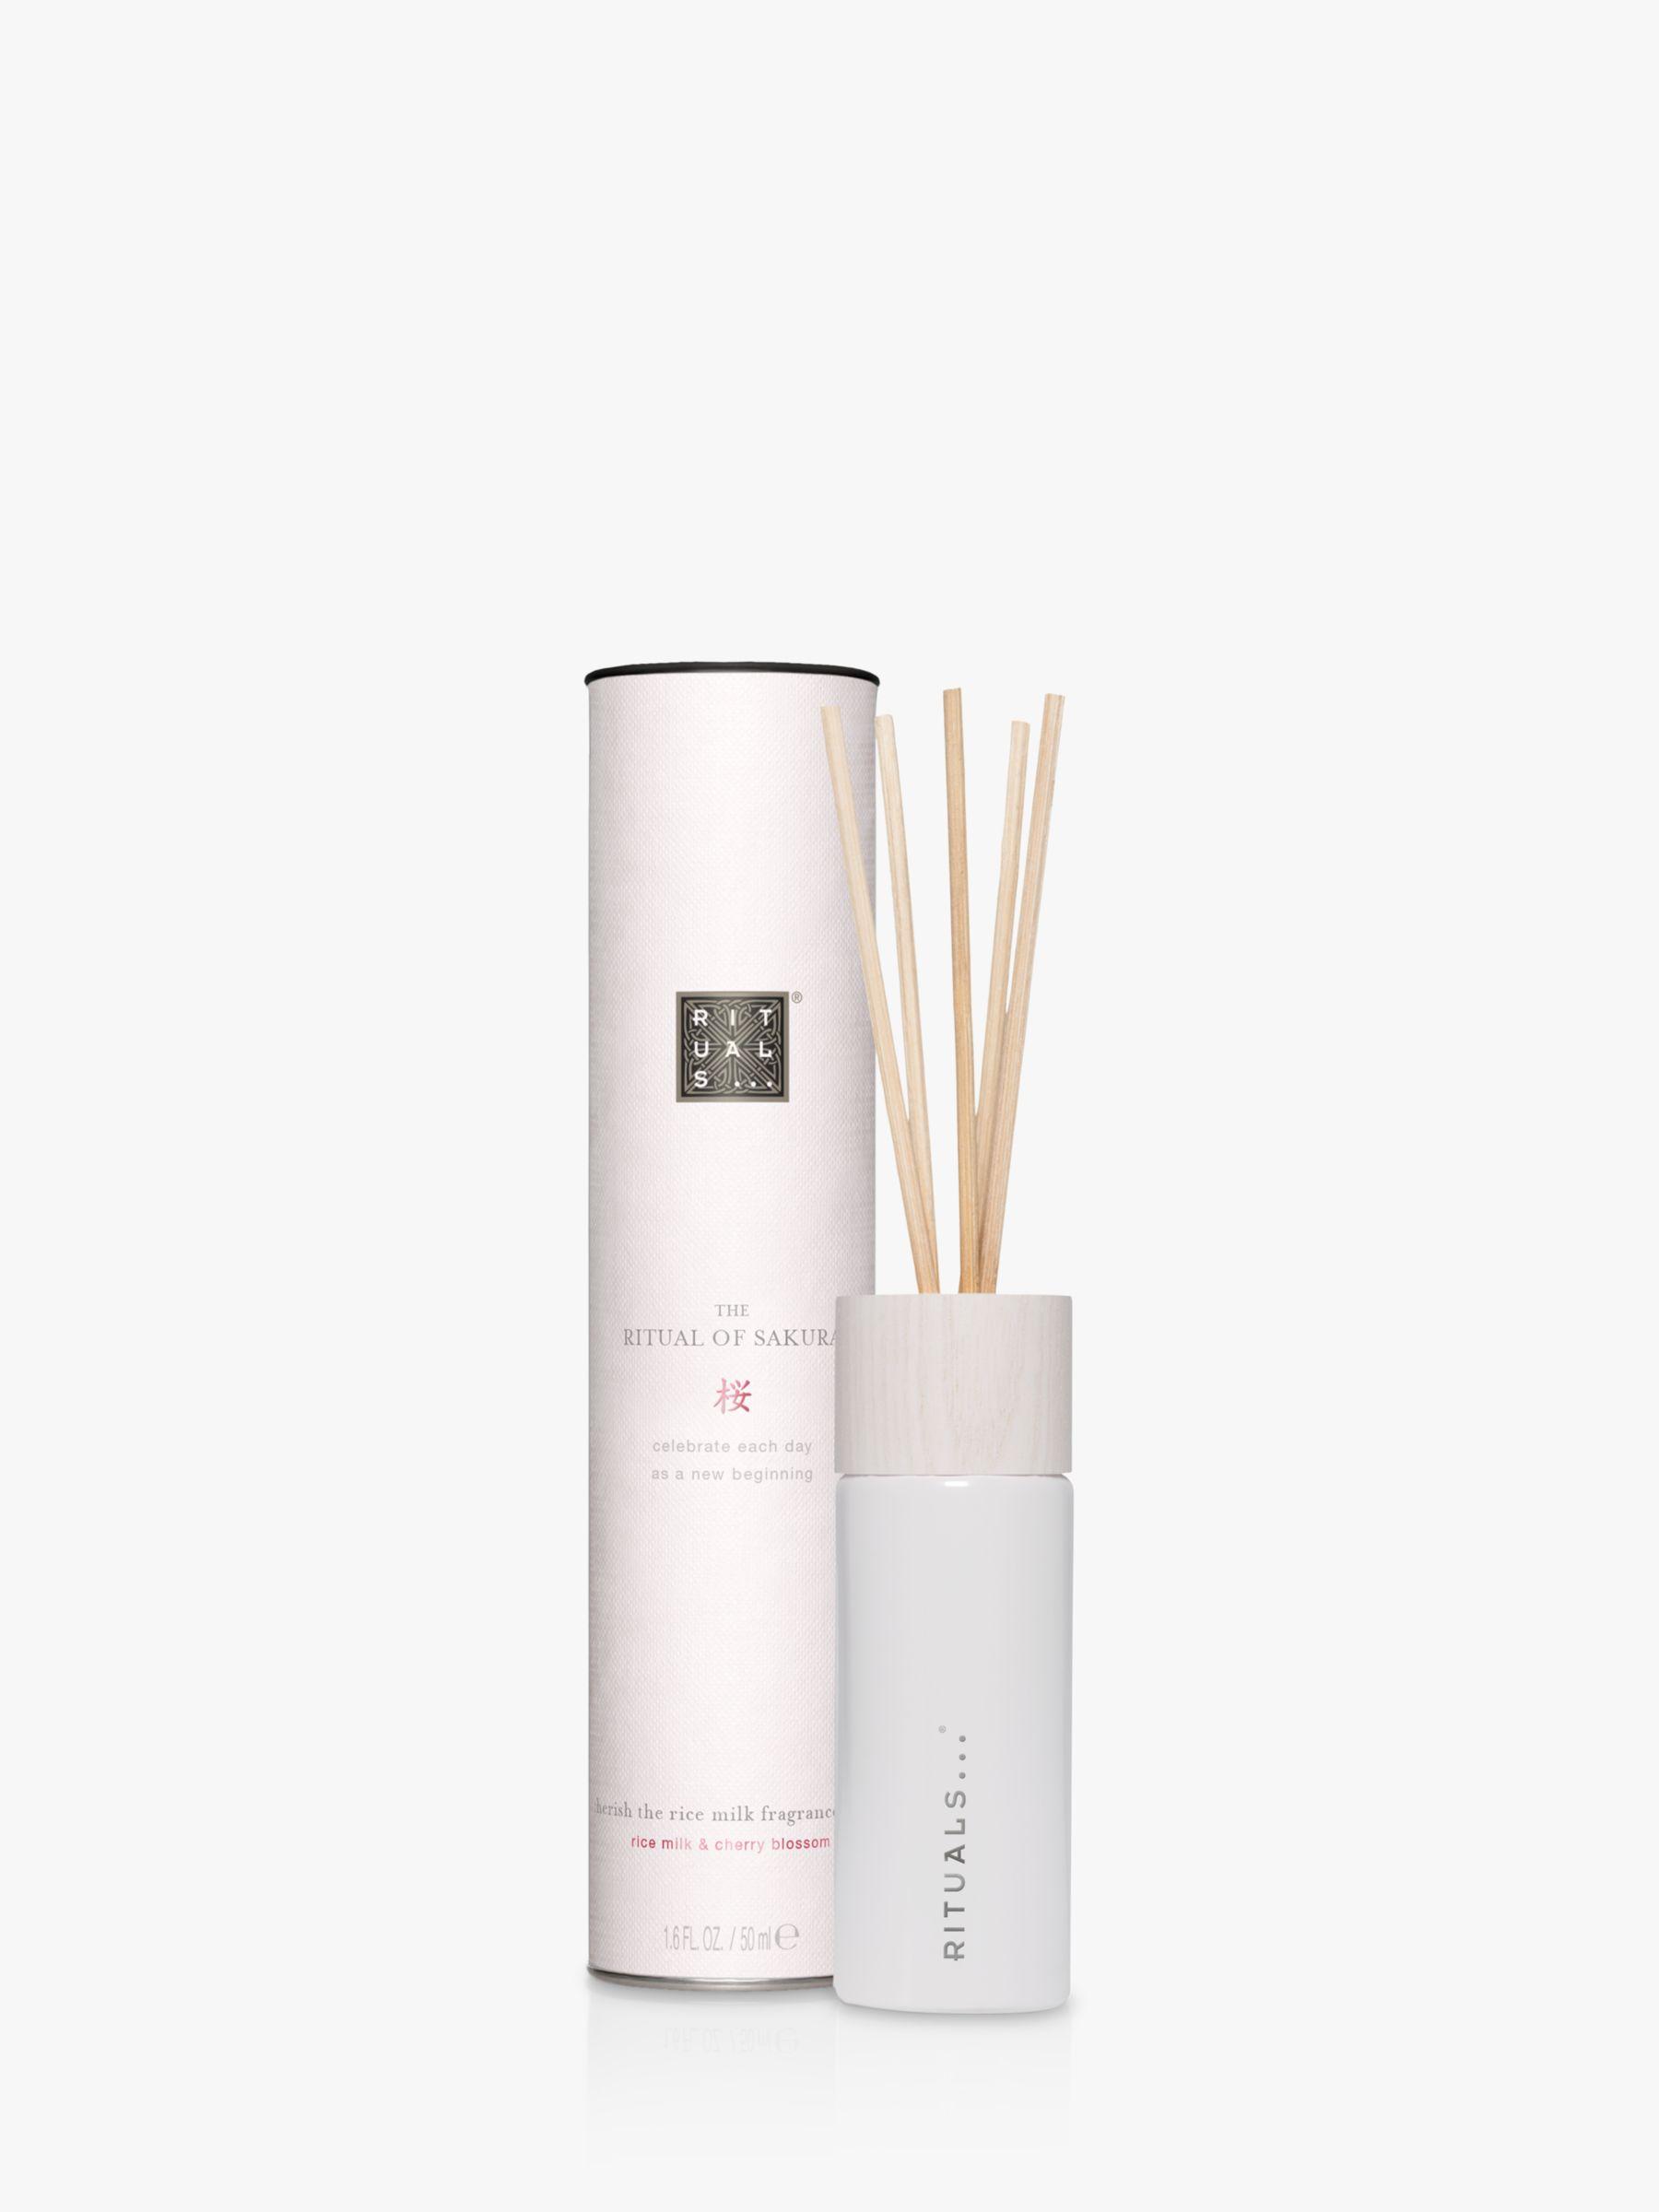 Rituals Rituals The Ritual of Sakura Mini Fragrance Sticks, 50ml